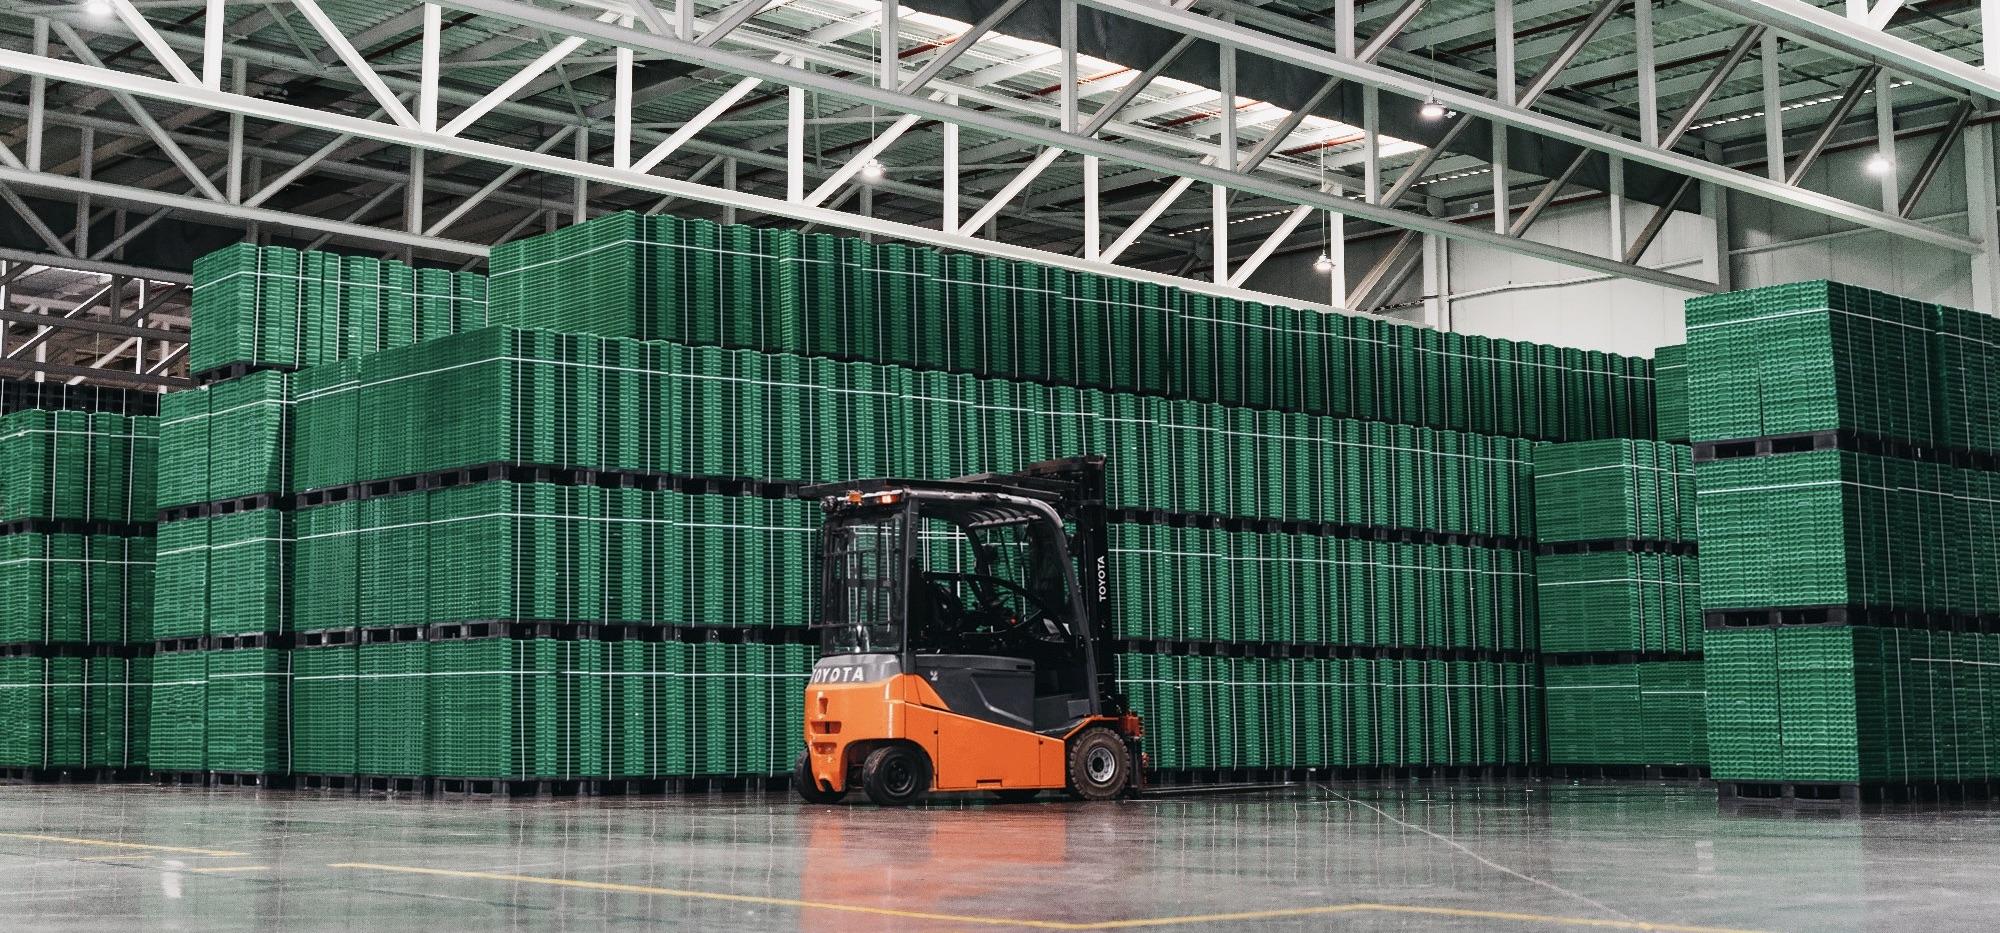 La reutilización de los envases permite evitar 180.000 Tn/año de materiales de un solo uso, y evita 96.710 trayectos de camión al año.